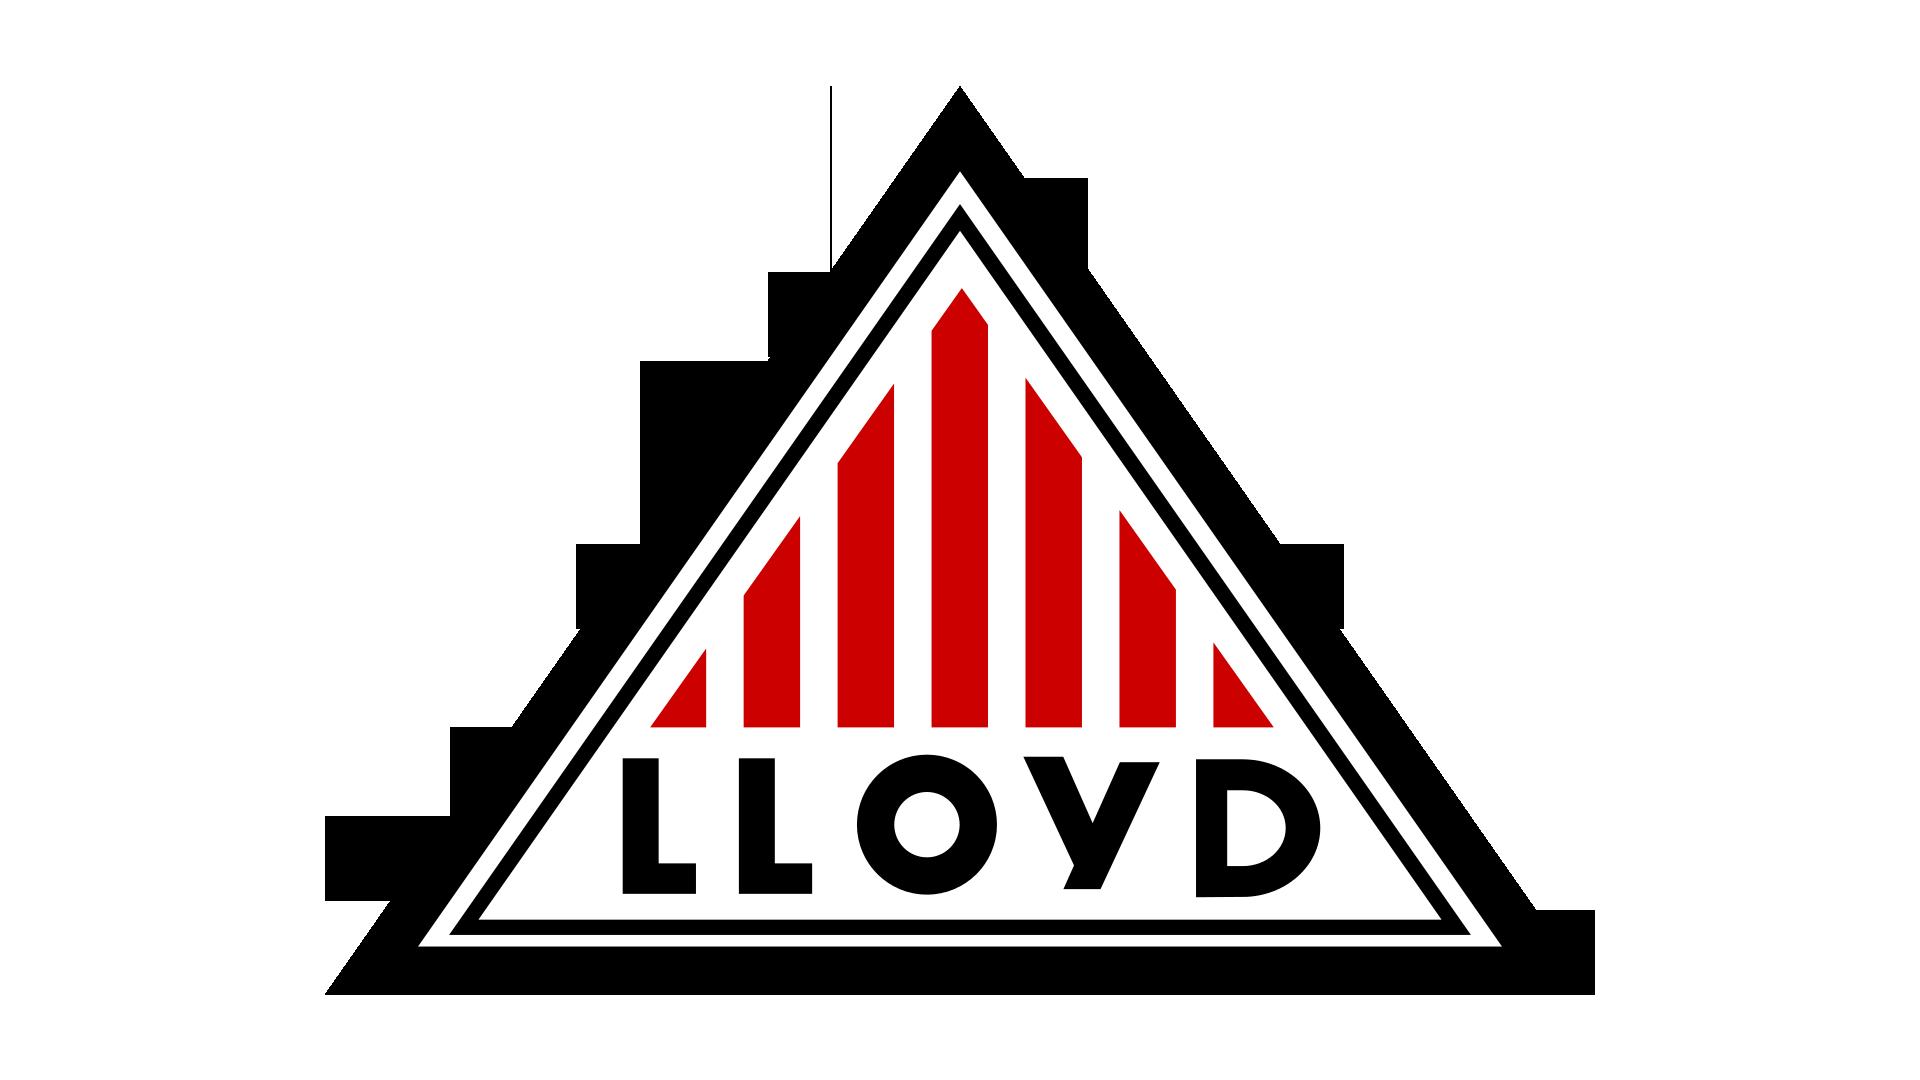 Lloyd